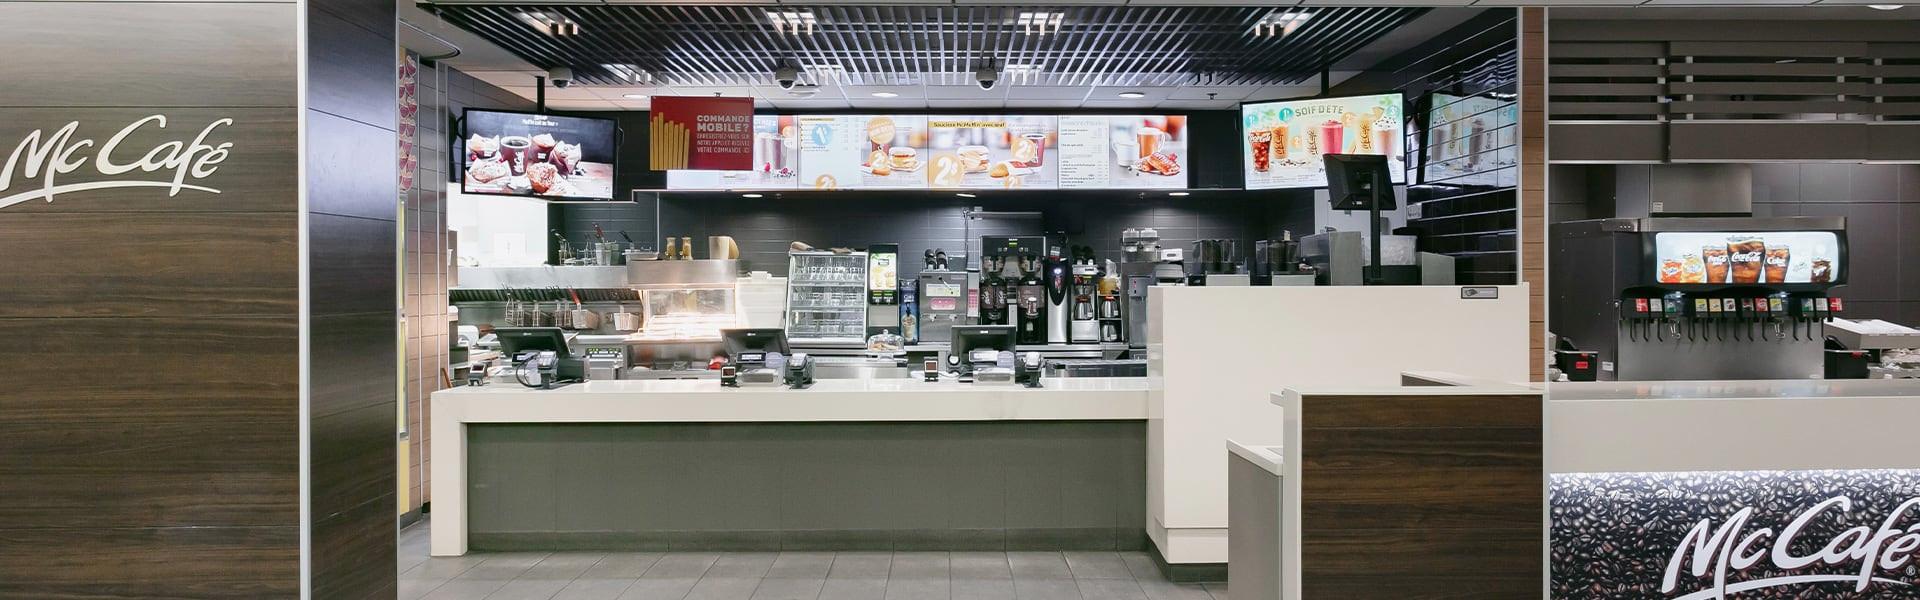 McDonald's | Place de la Cité